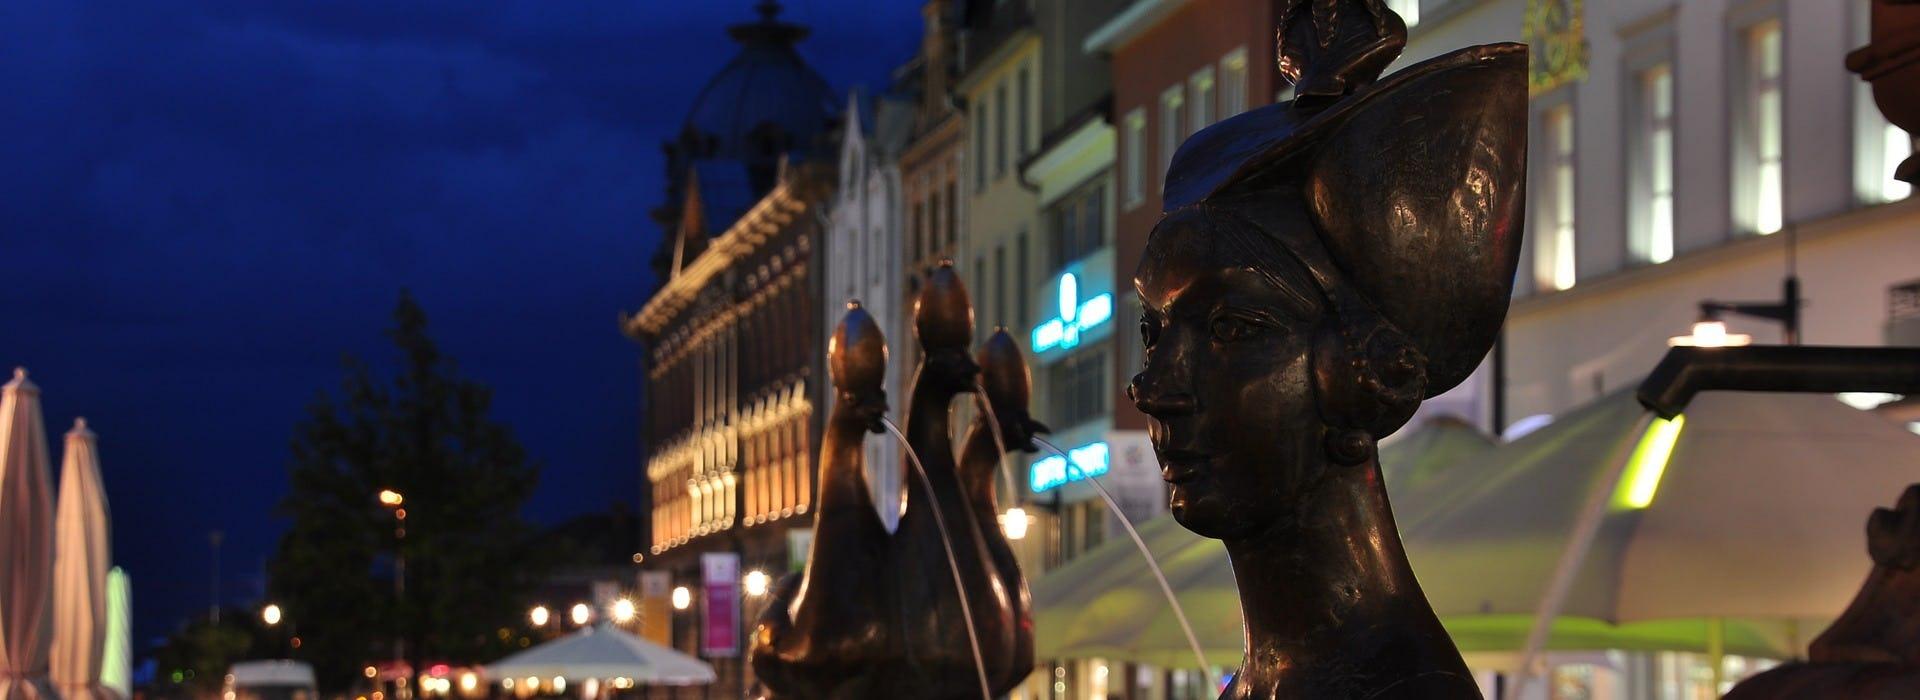 Konstanz Markt Ramsauer Carreisen Weihnachten